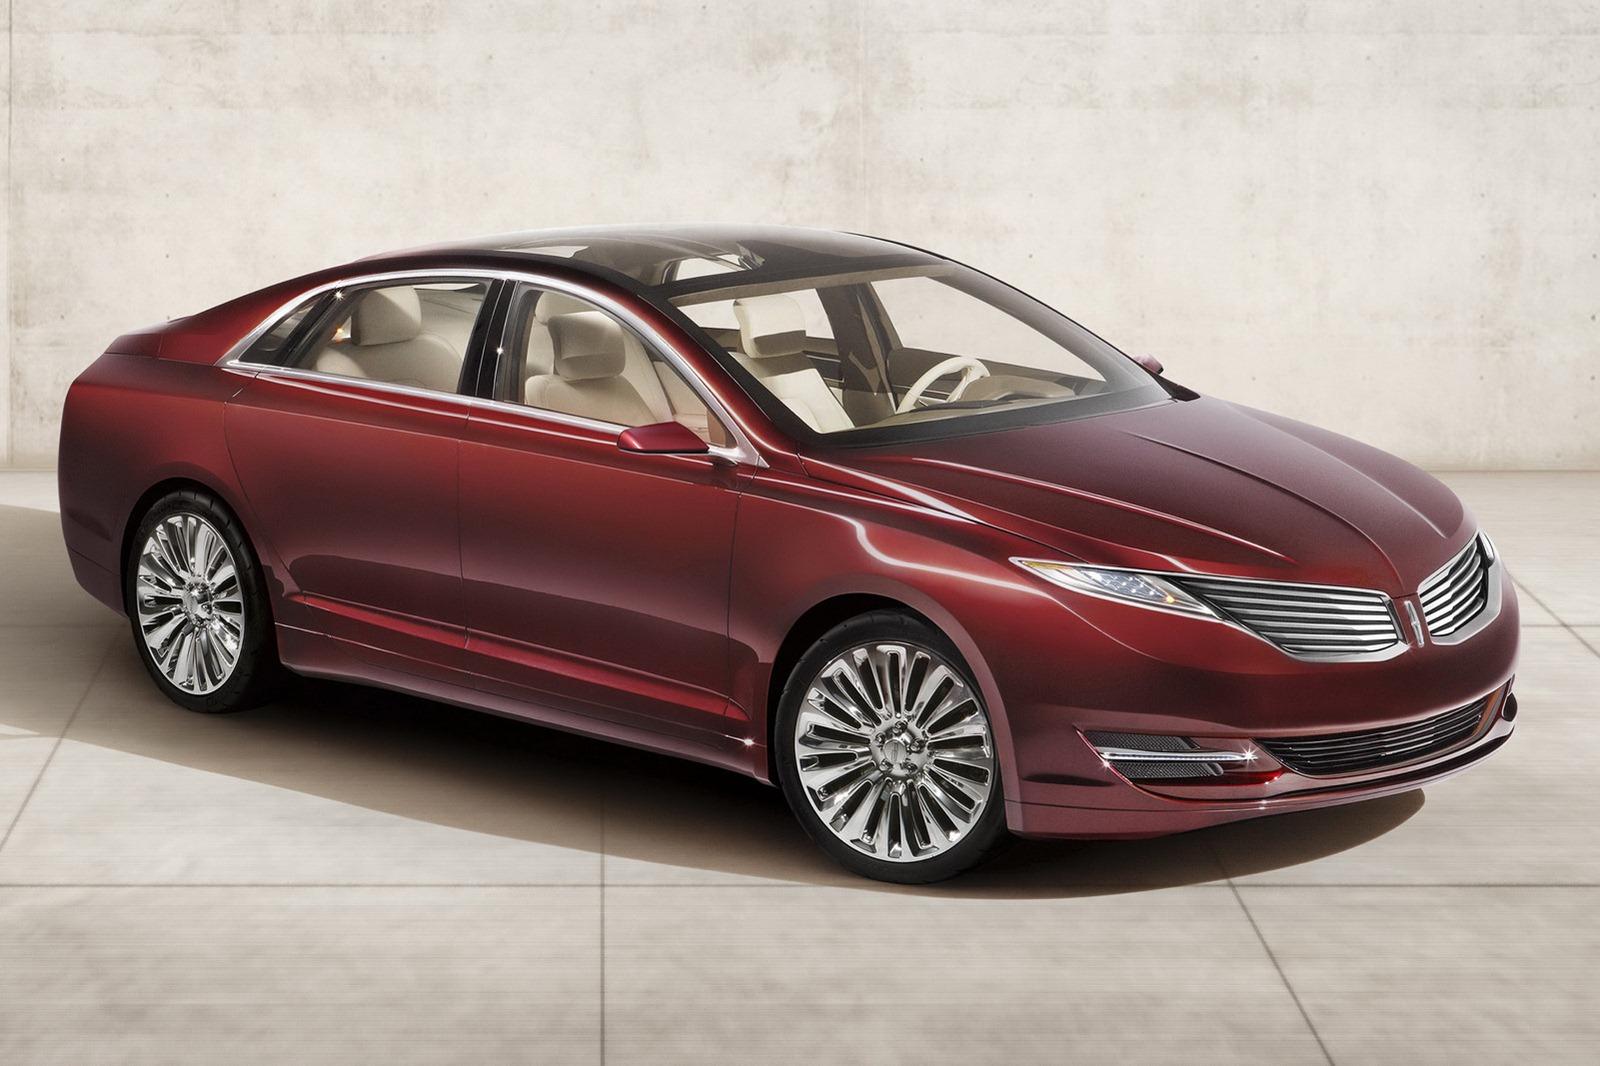 Lincoln Mkz Concept Foto Ufficiali Presentazione Nuovi Modelli